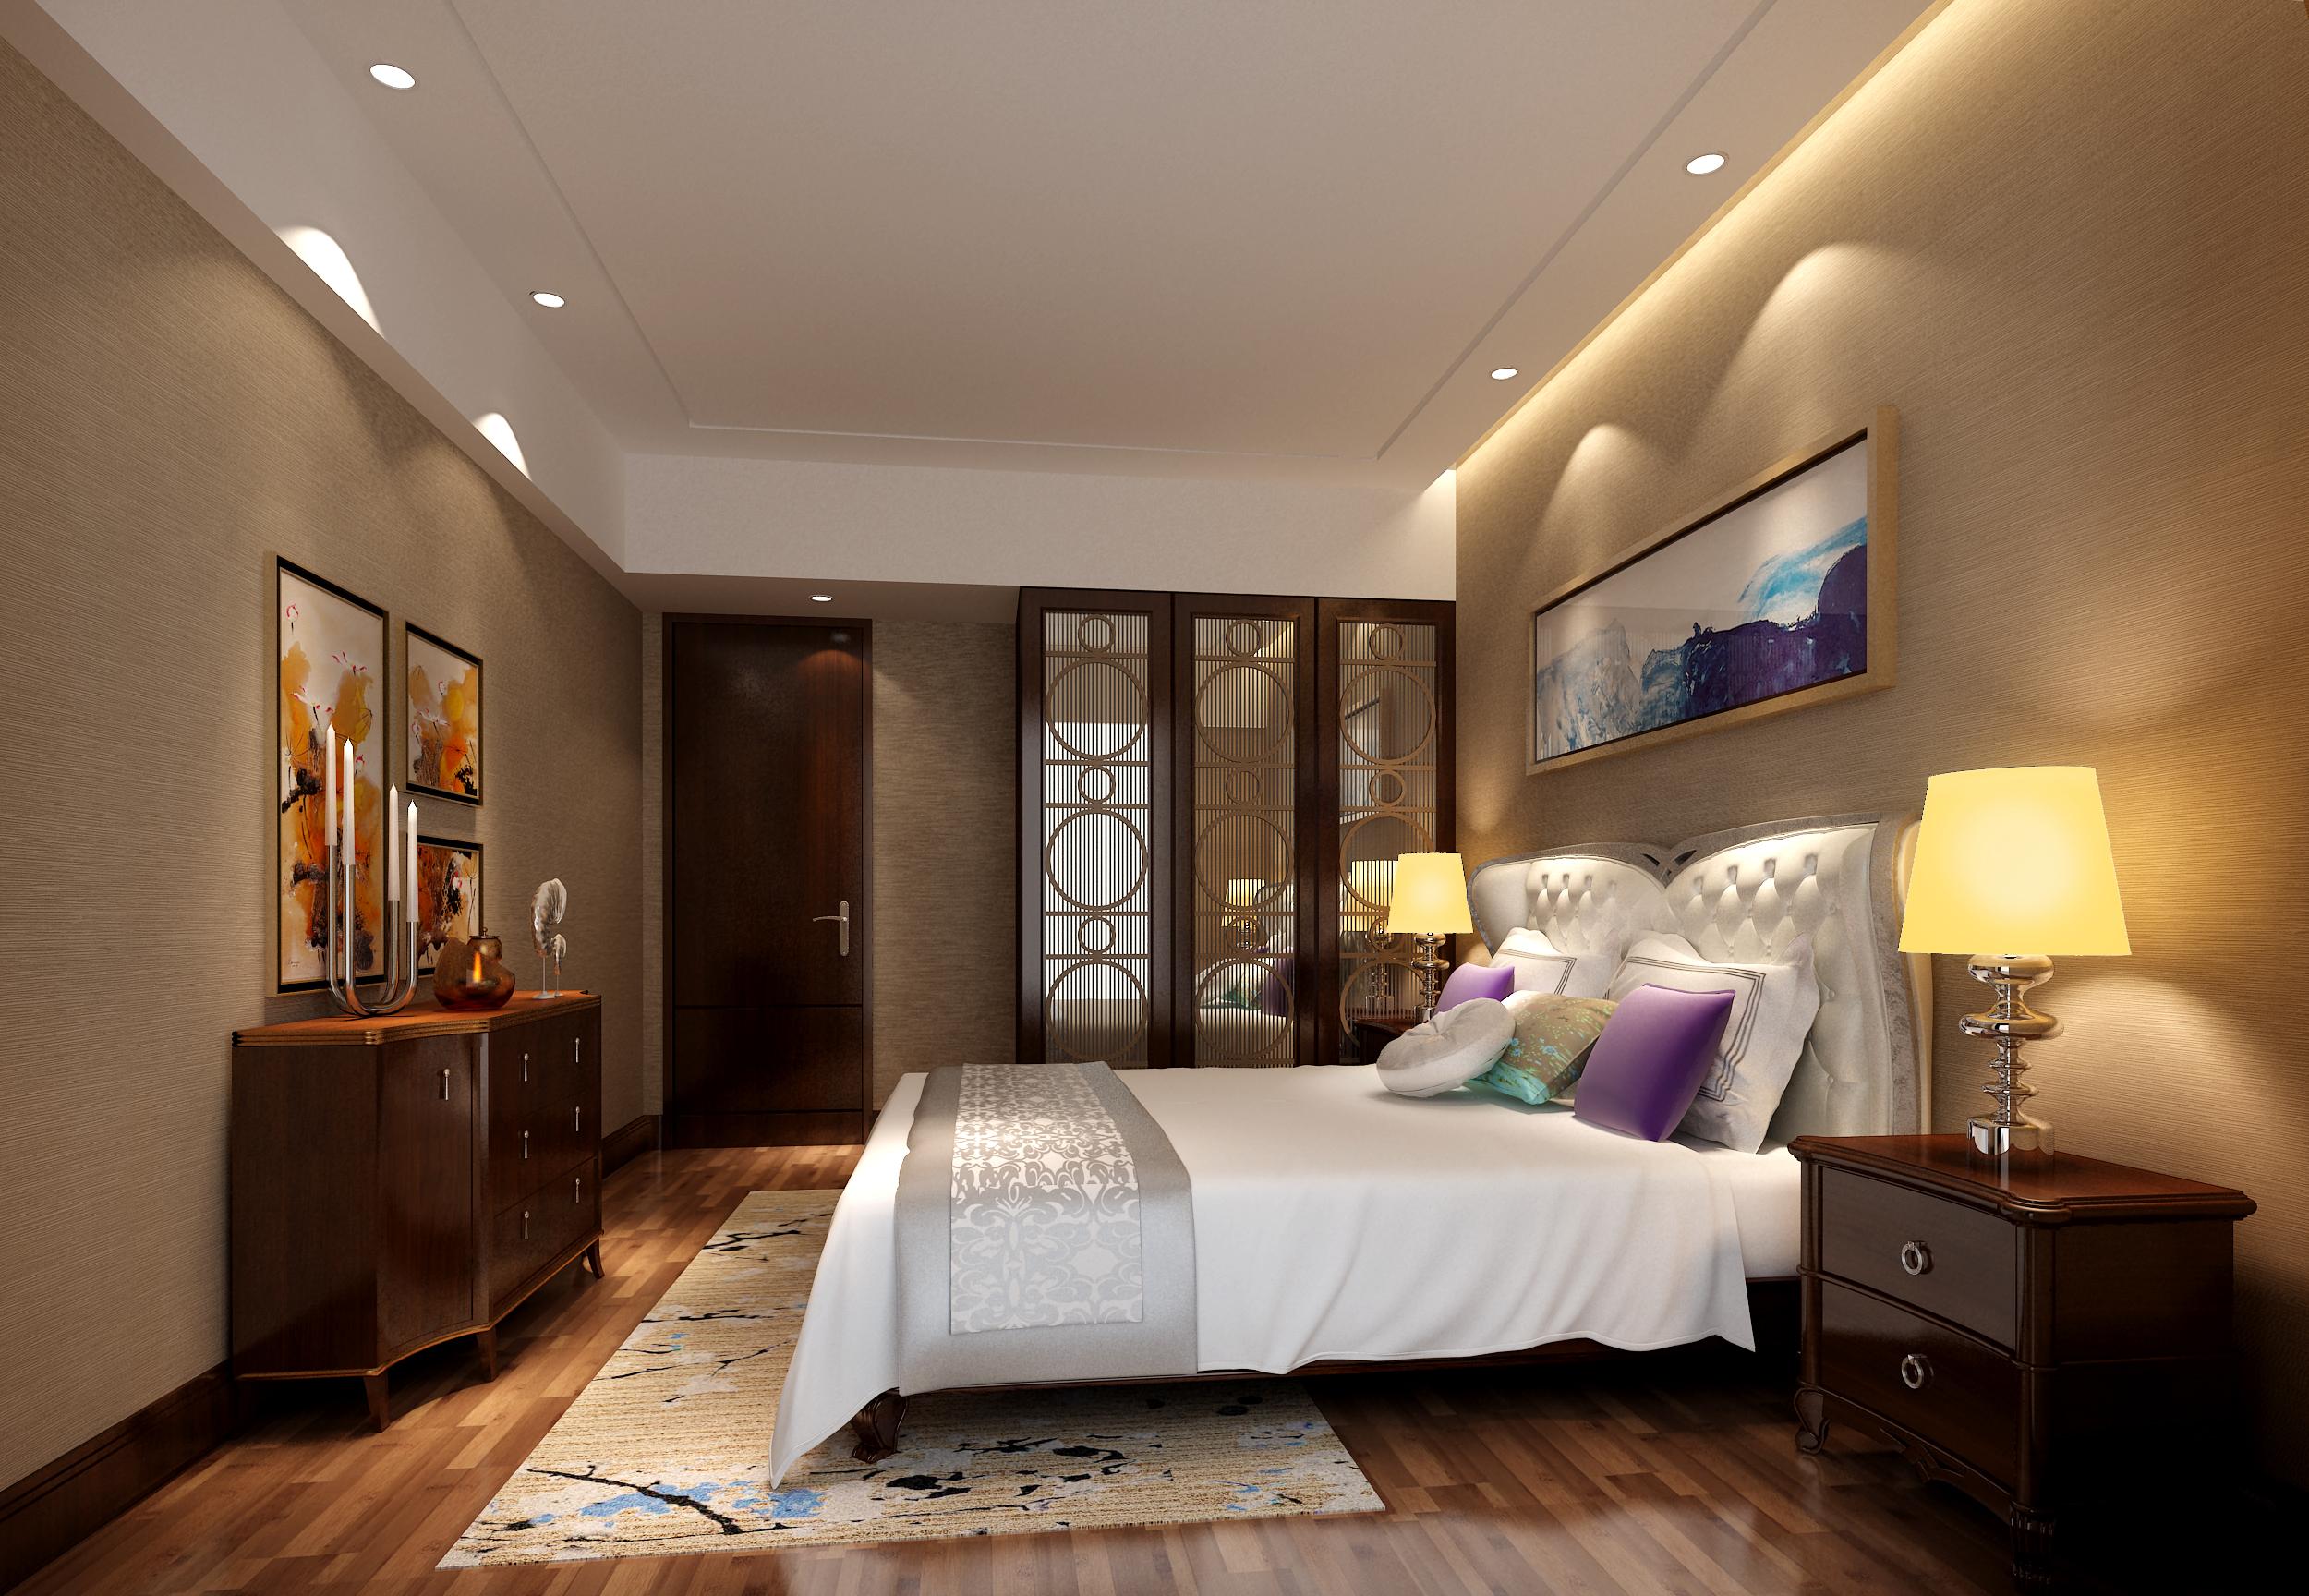 提拉米苏 中式 卧室 卧室图片来自北京合建装饰单聪聪在提拉米苏的分享